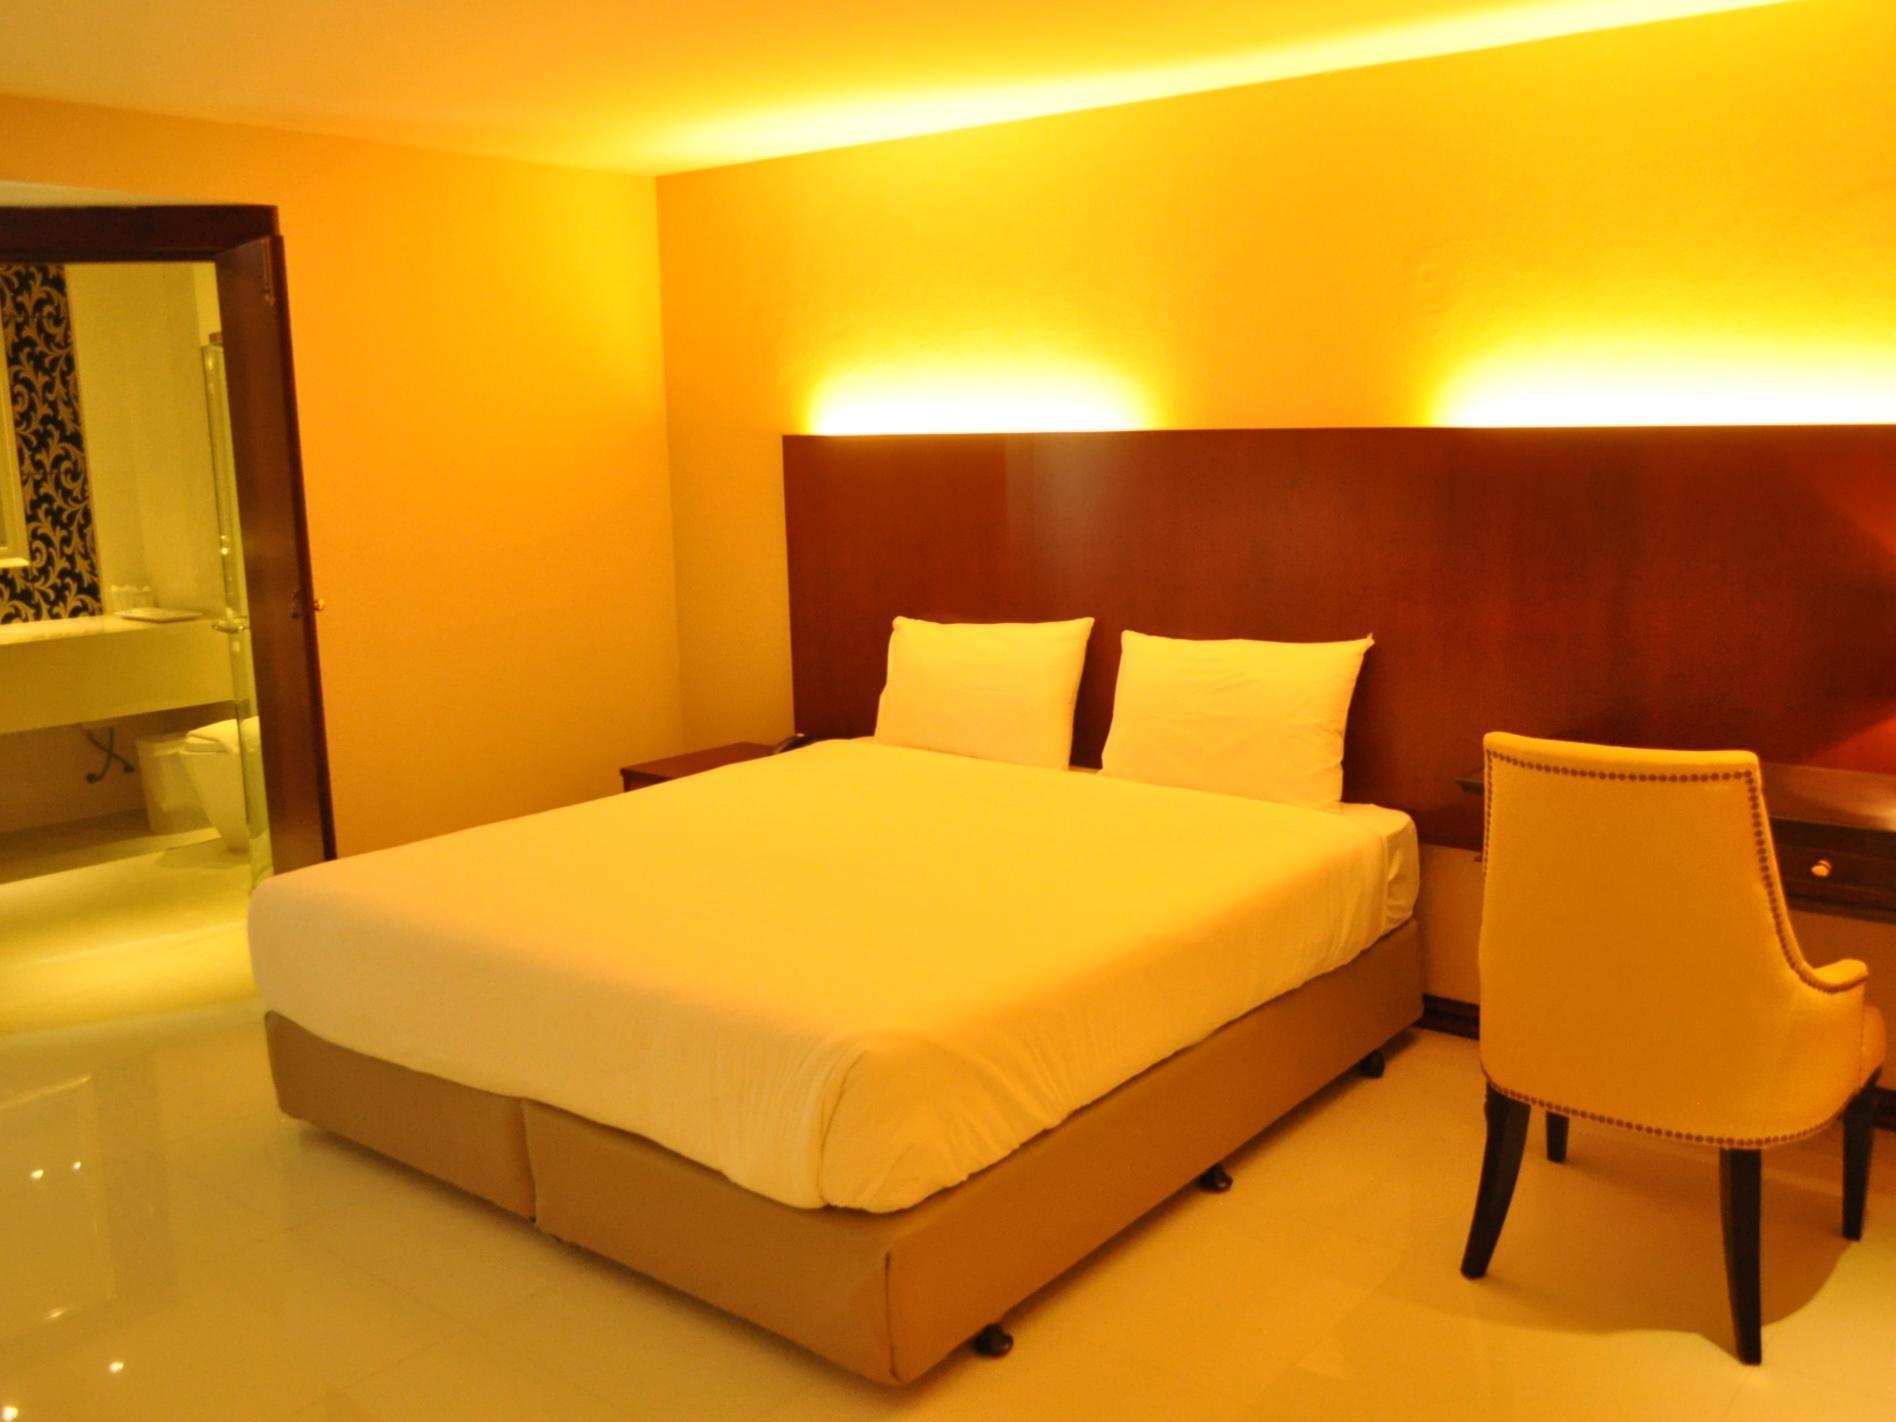 阿拉米斯酒店,โรงแรมอารามิส